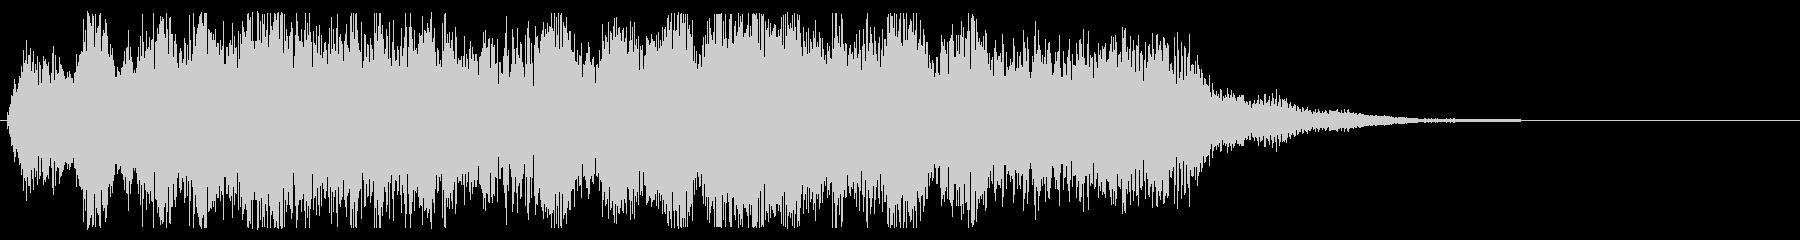 オーケストラ 勇壮なジングル パターンAの未再生の波形